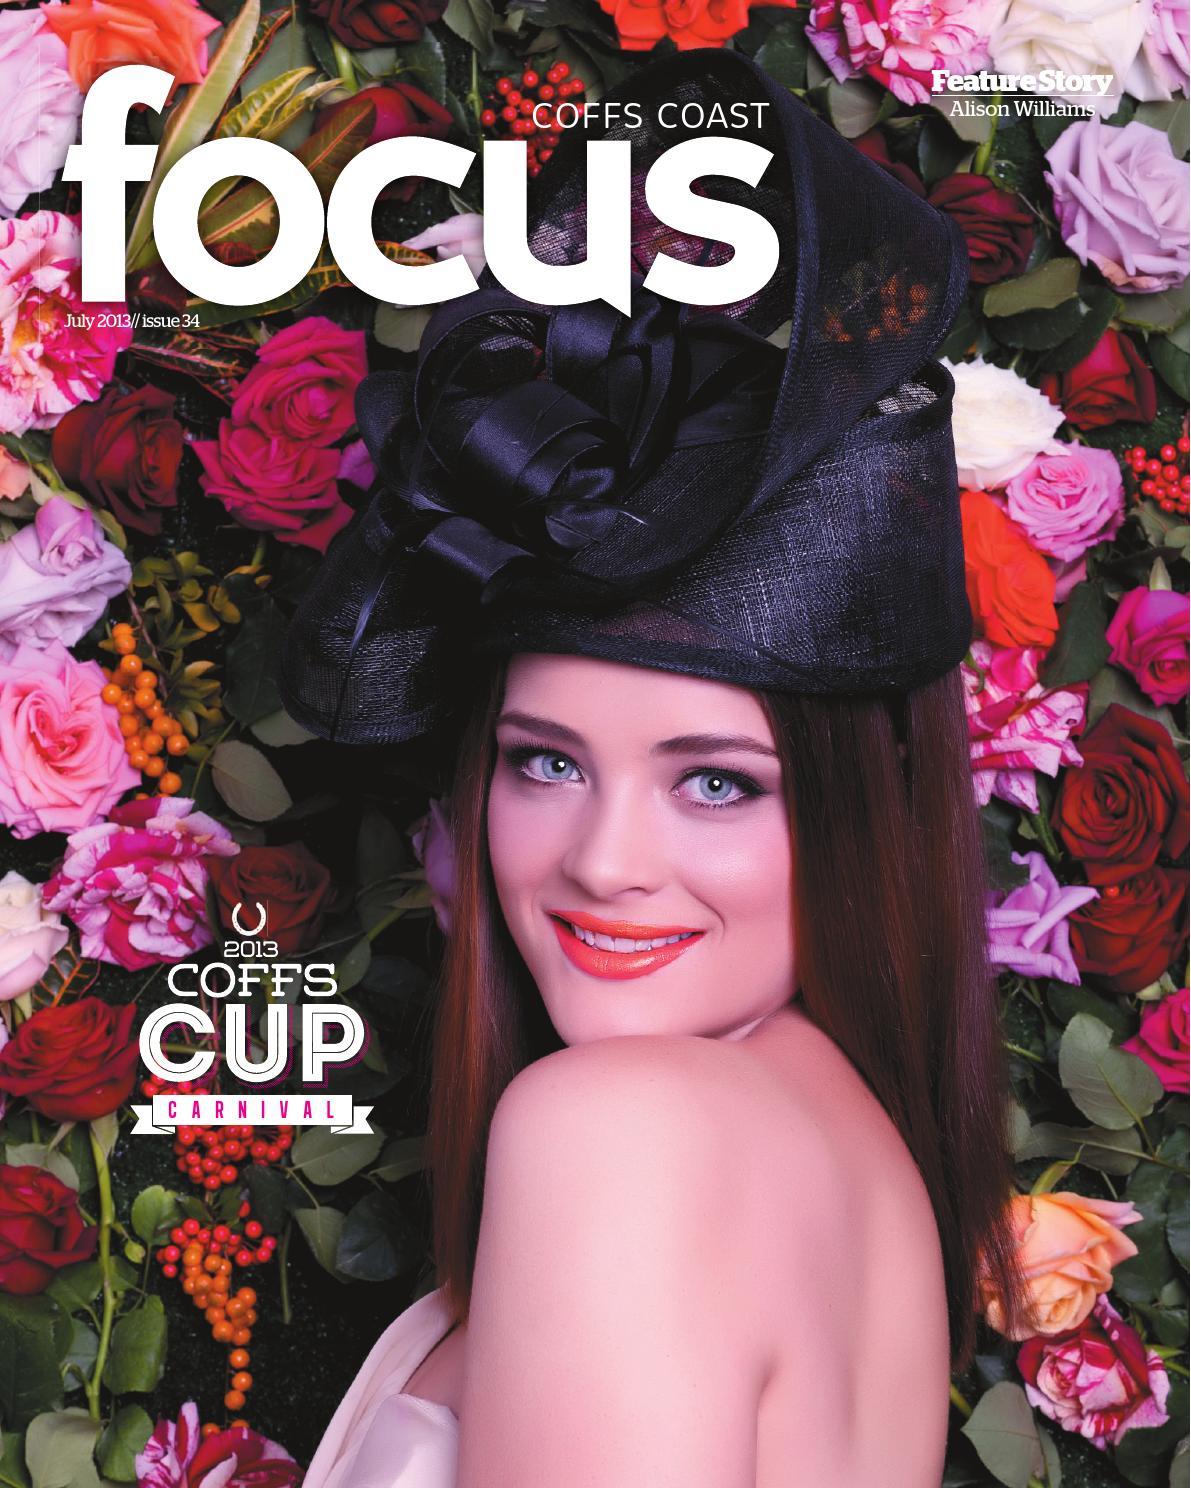 Coffs Coast Focus - i34 by Focus - issuu